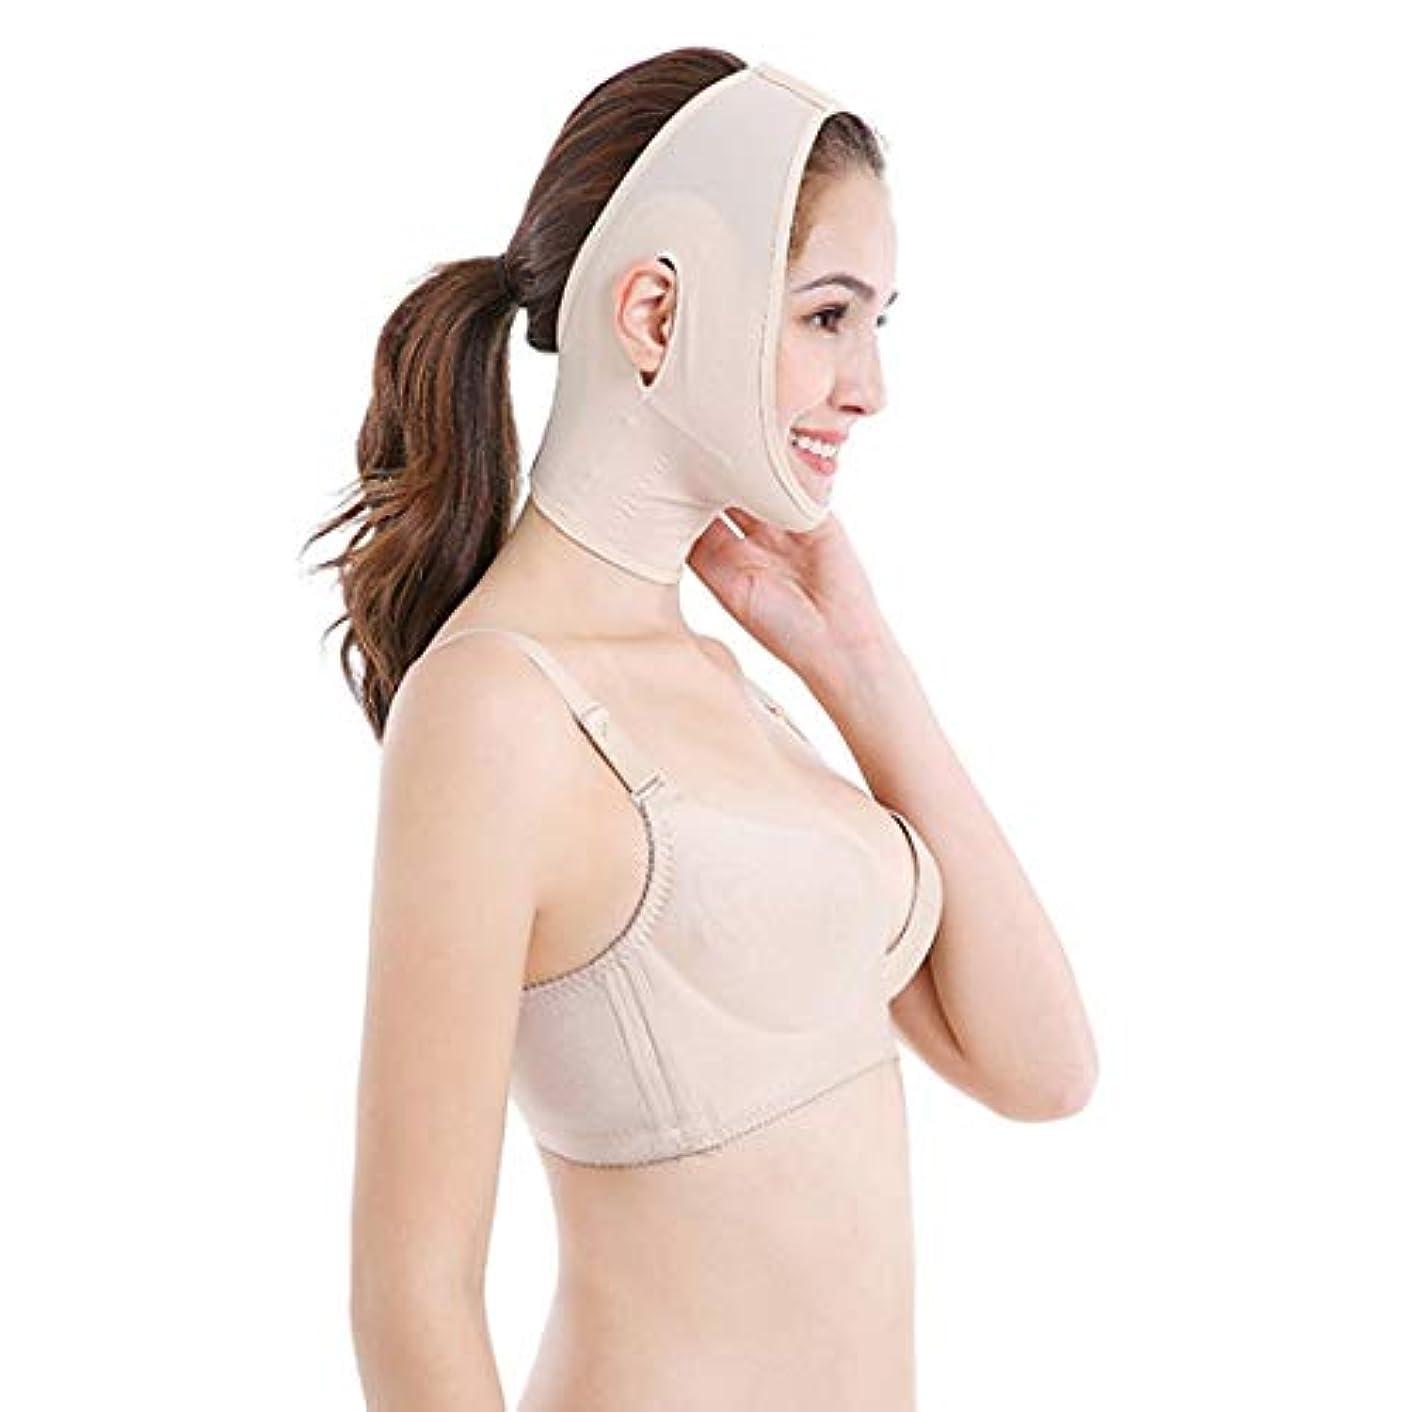 暴露正規化思い出すZWBD フェイスマスク, 顔を持ち上げる包帯v顔薄い顔包帯小V顔物理マスク小さな顔アーティファクト顔持ち上がる引き締め乳白色 (Size : XS)